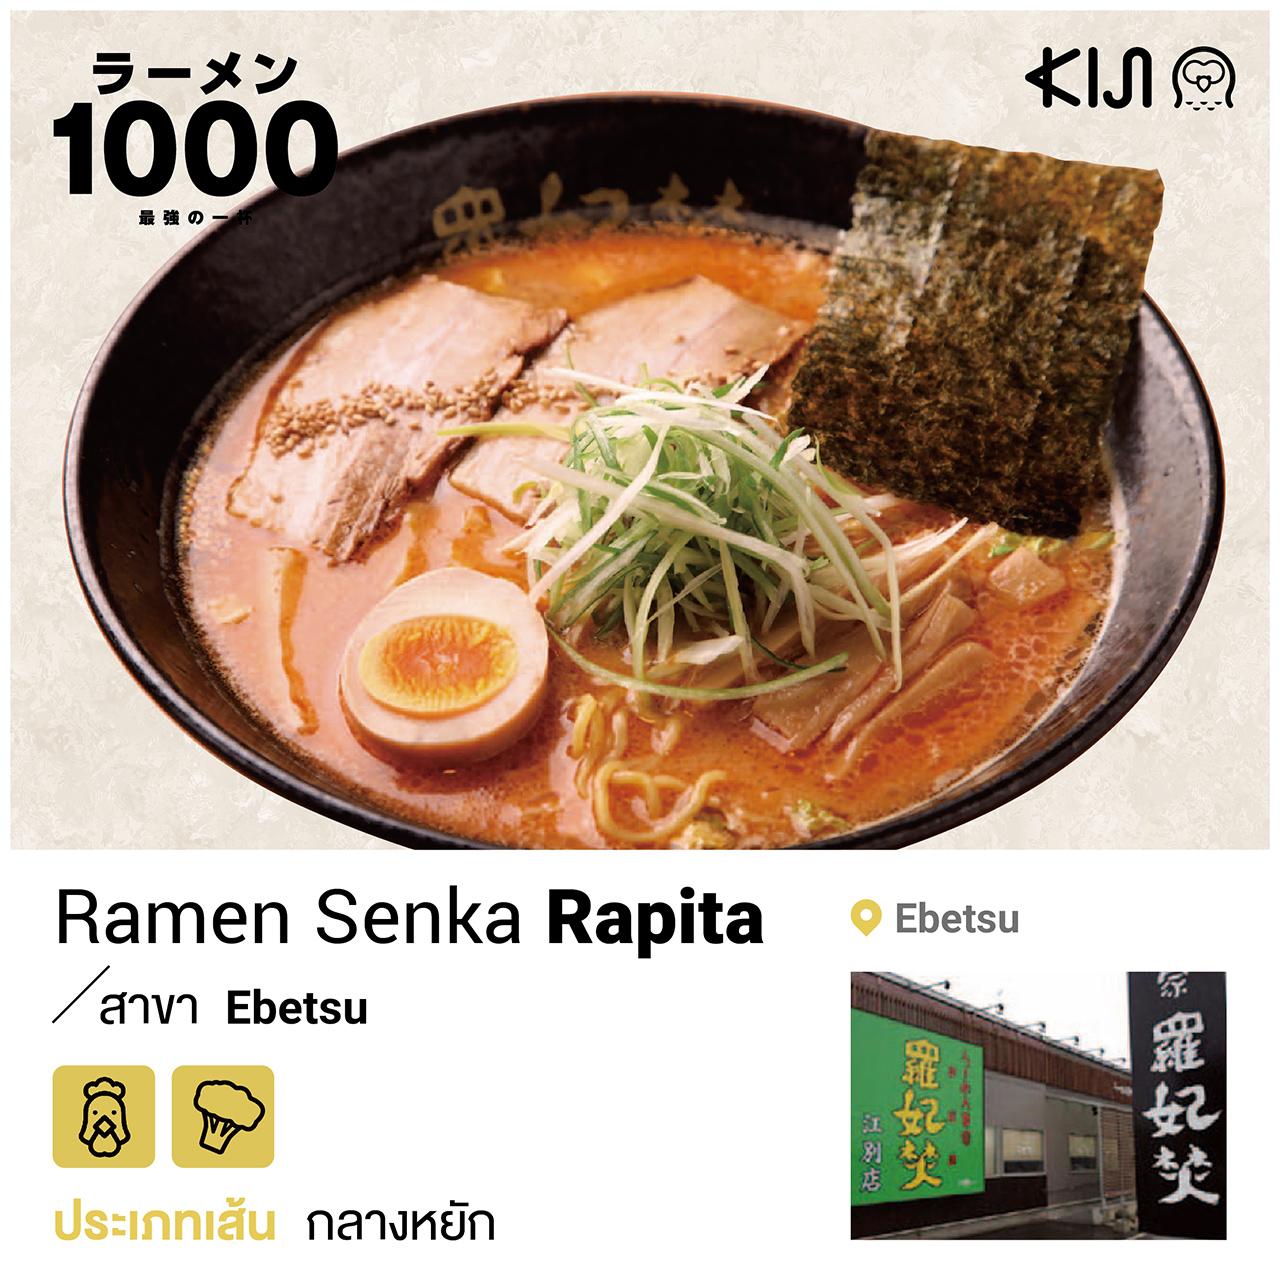 ร้านราเมนในฮอกไกโด - Ramen Senka Rapita